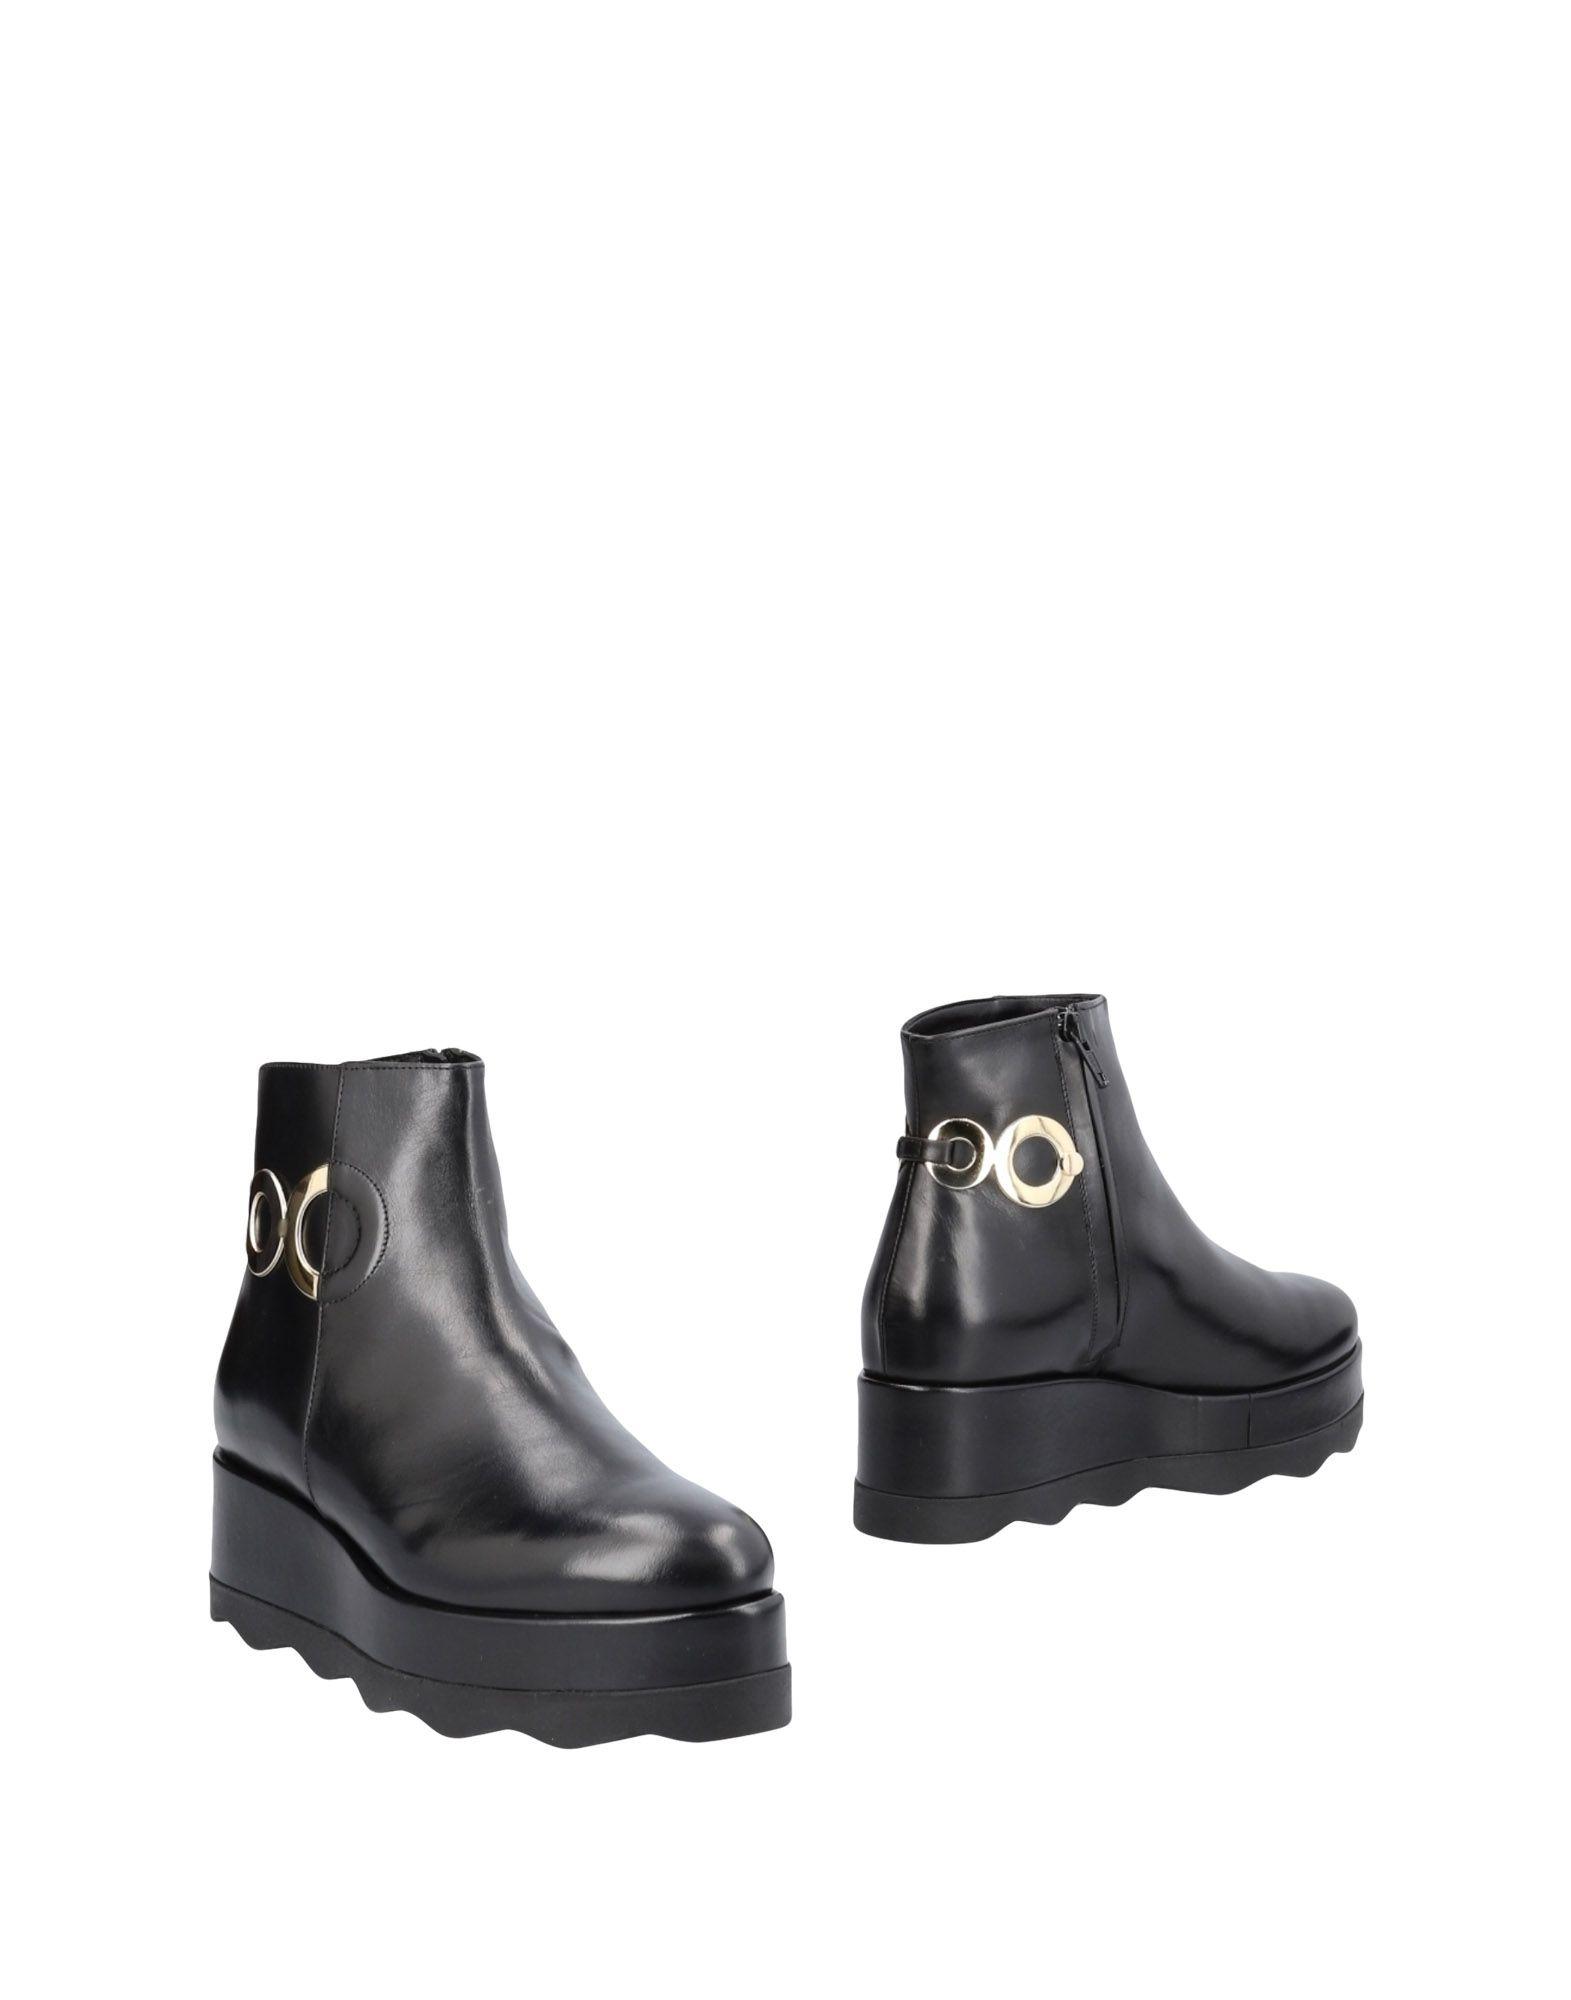 Albano Stiefelette Damen  11486155VE Gute Qualität beliebte Schuhe